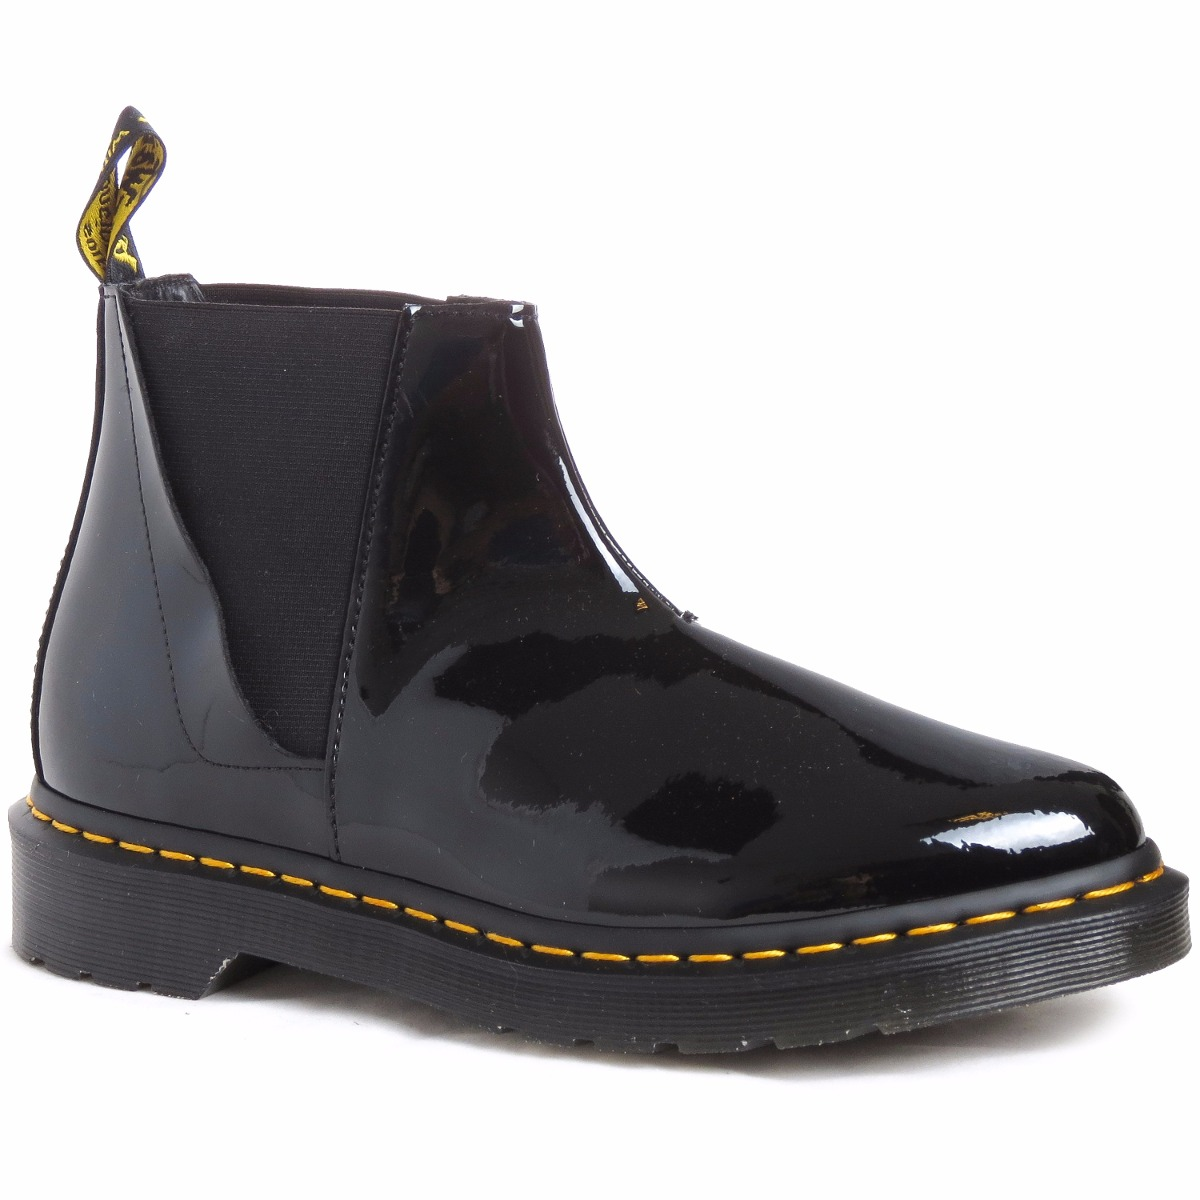 1c6e341cea6d9 zapatos bota media dr martens bianca charol mujer importados. Cargando zoom.